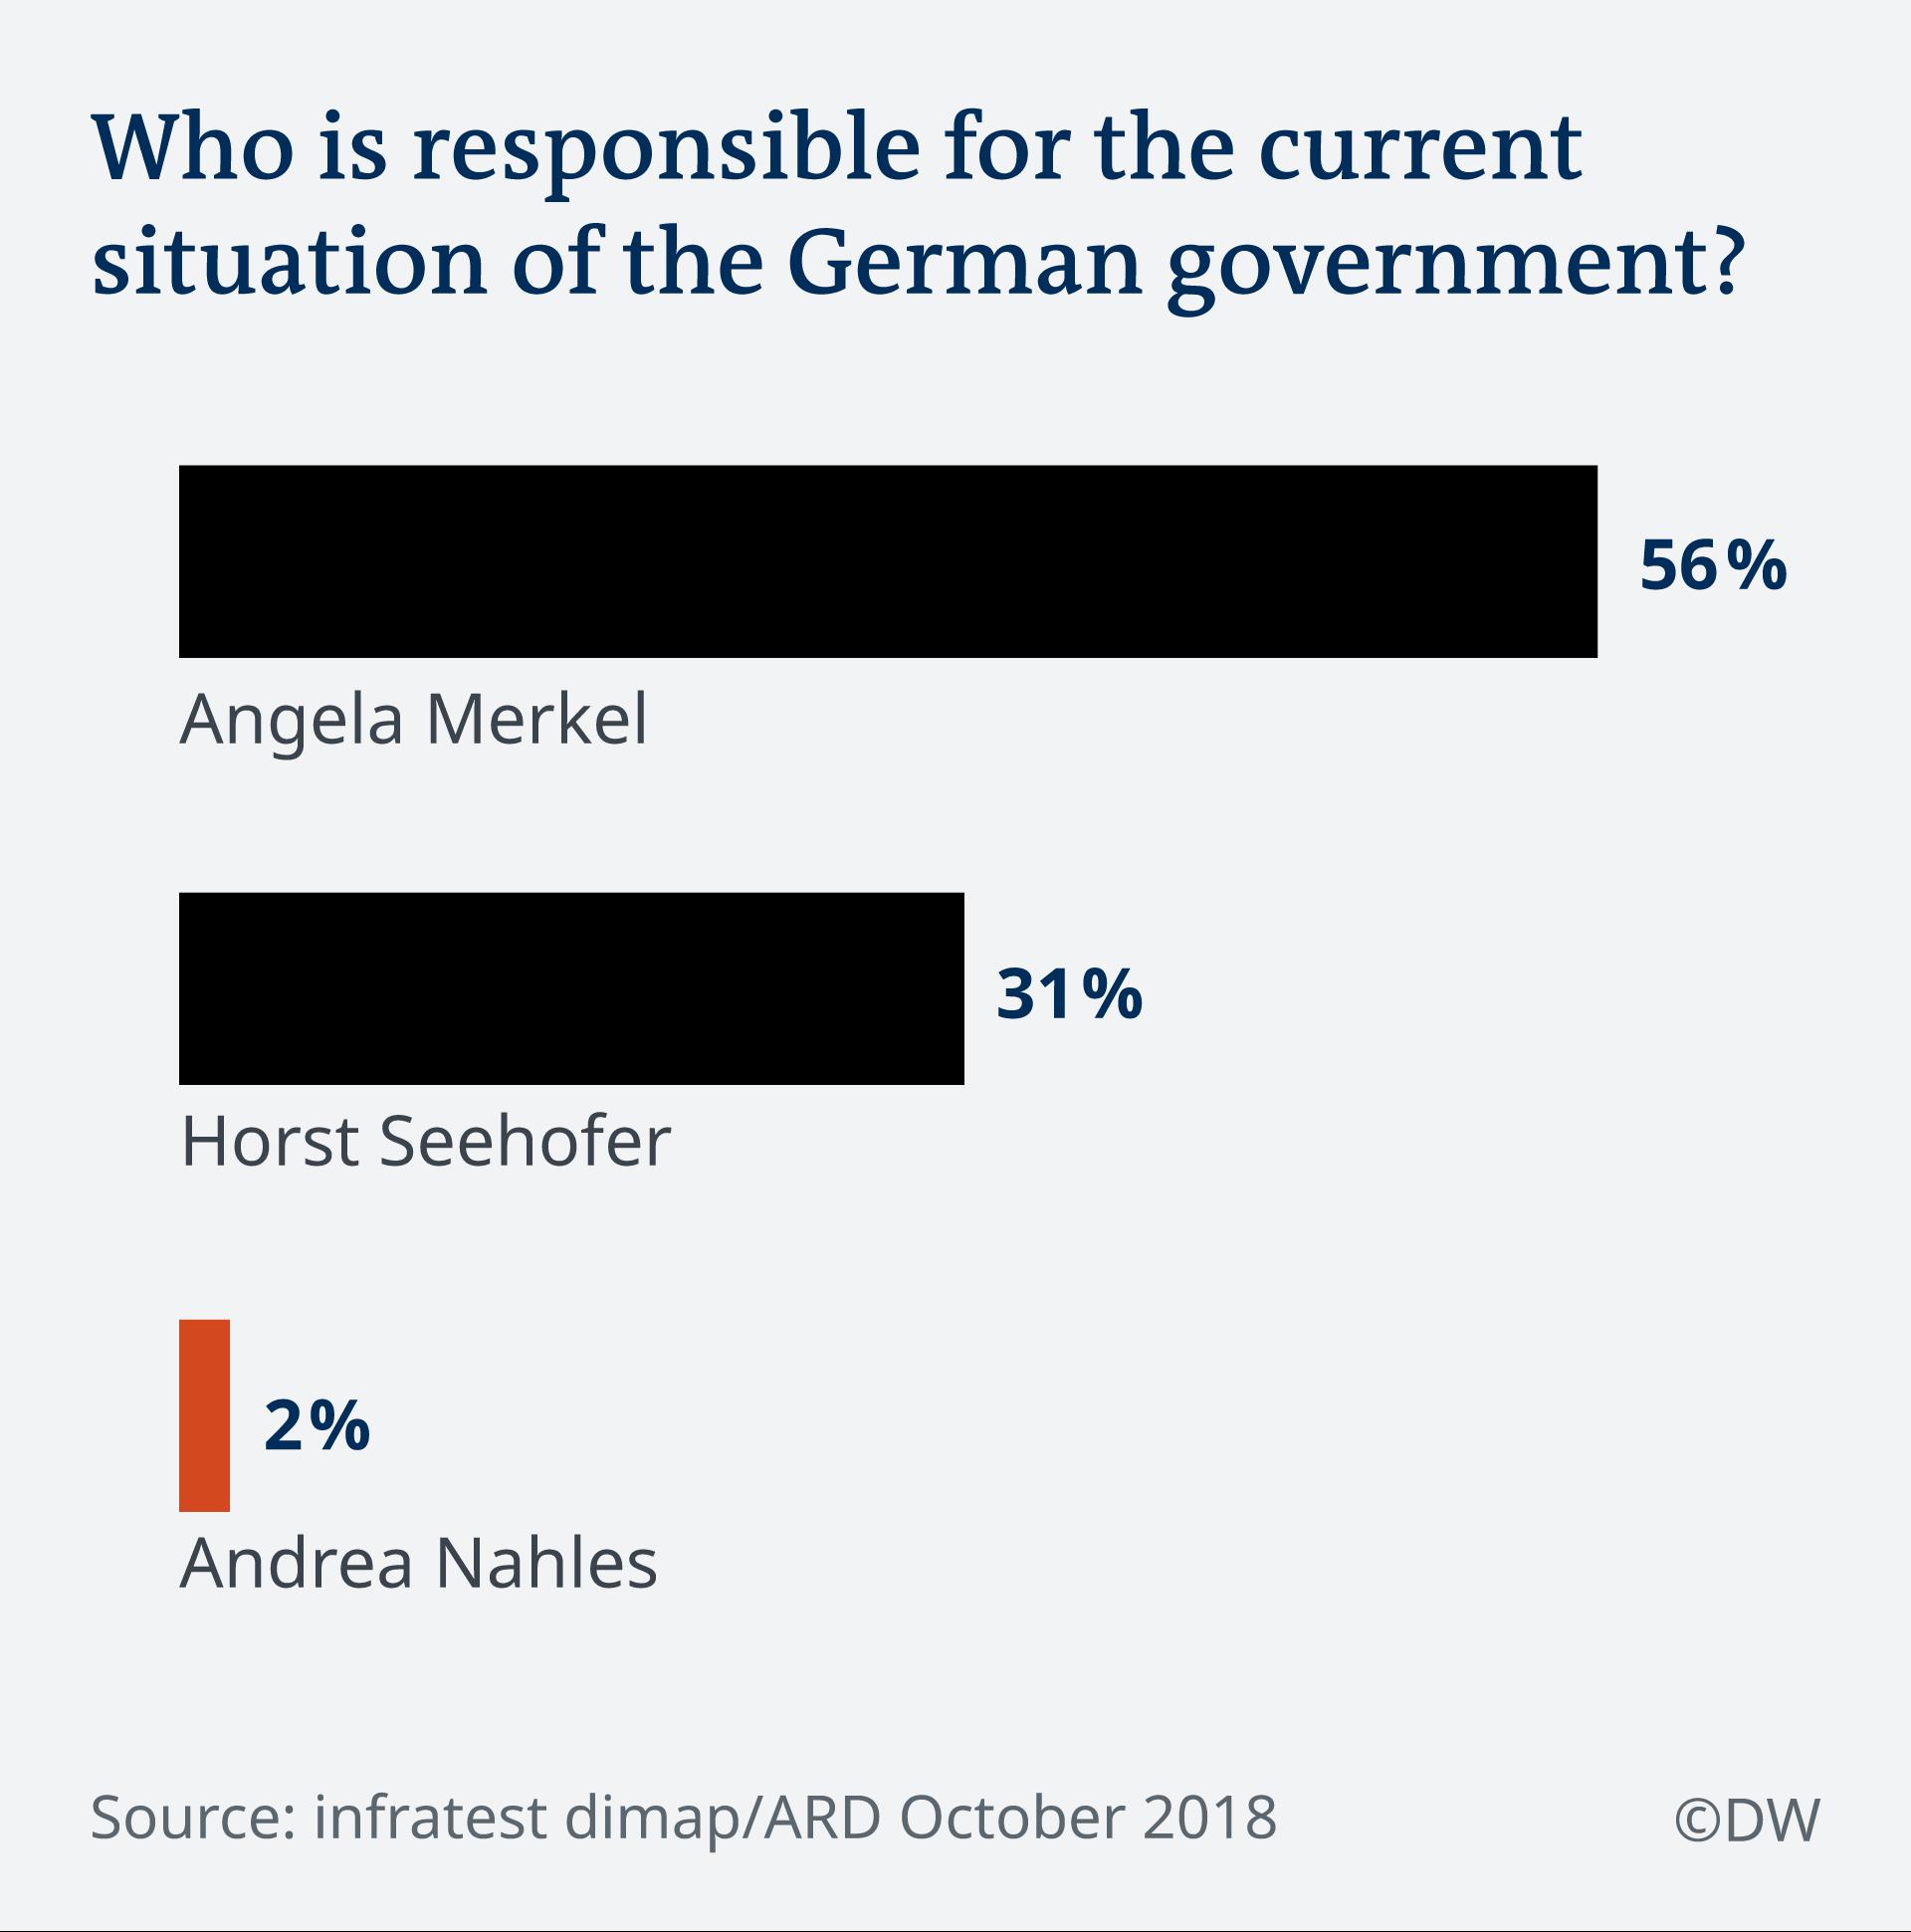 Cine e responsabil pentru actuala situaţie a guvernului german?